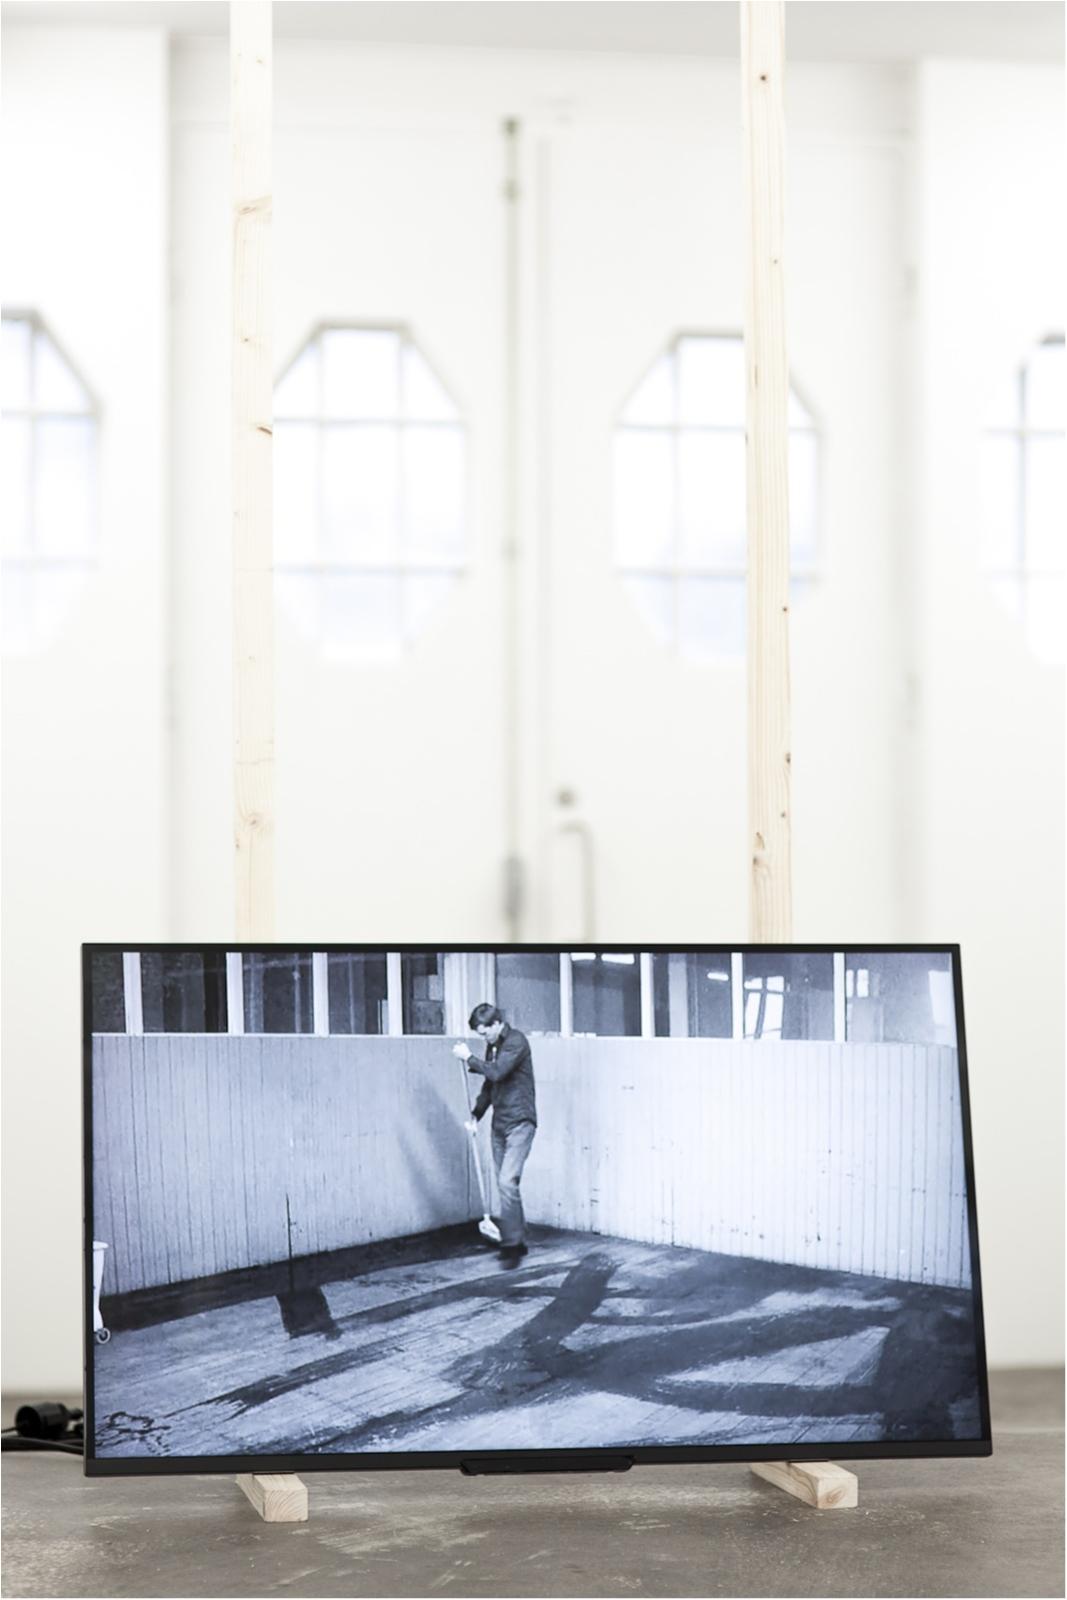 Cleanings , 2010, digital video, 6 min 54 sec loop